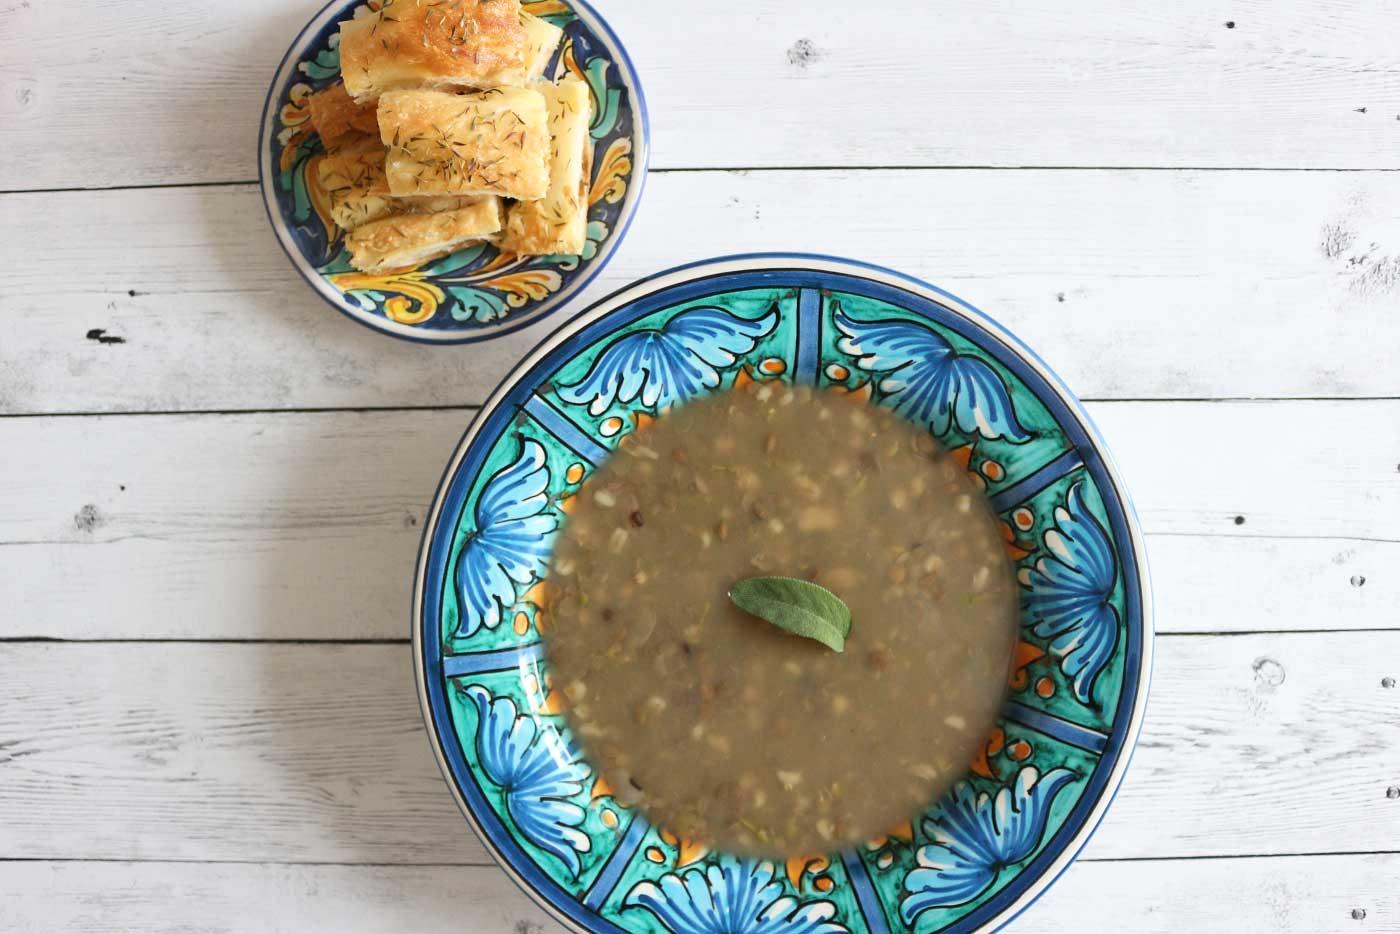 Zuppa-lenticchie-img-post